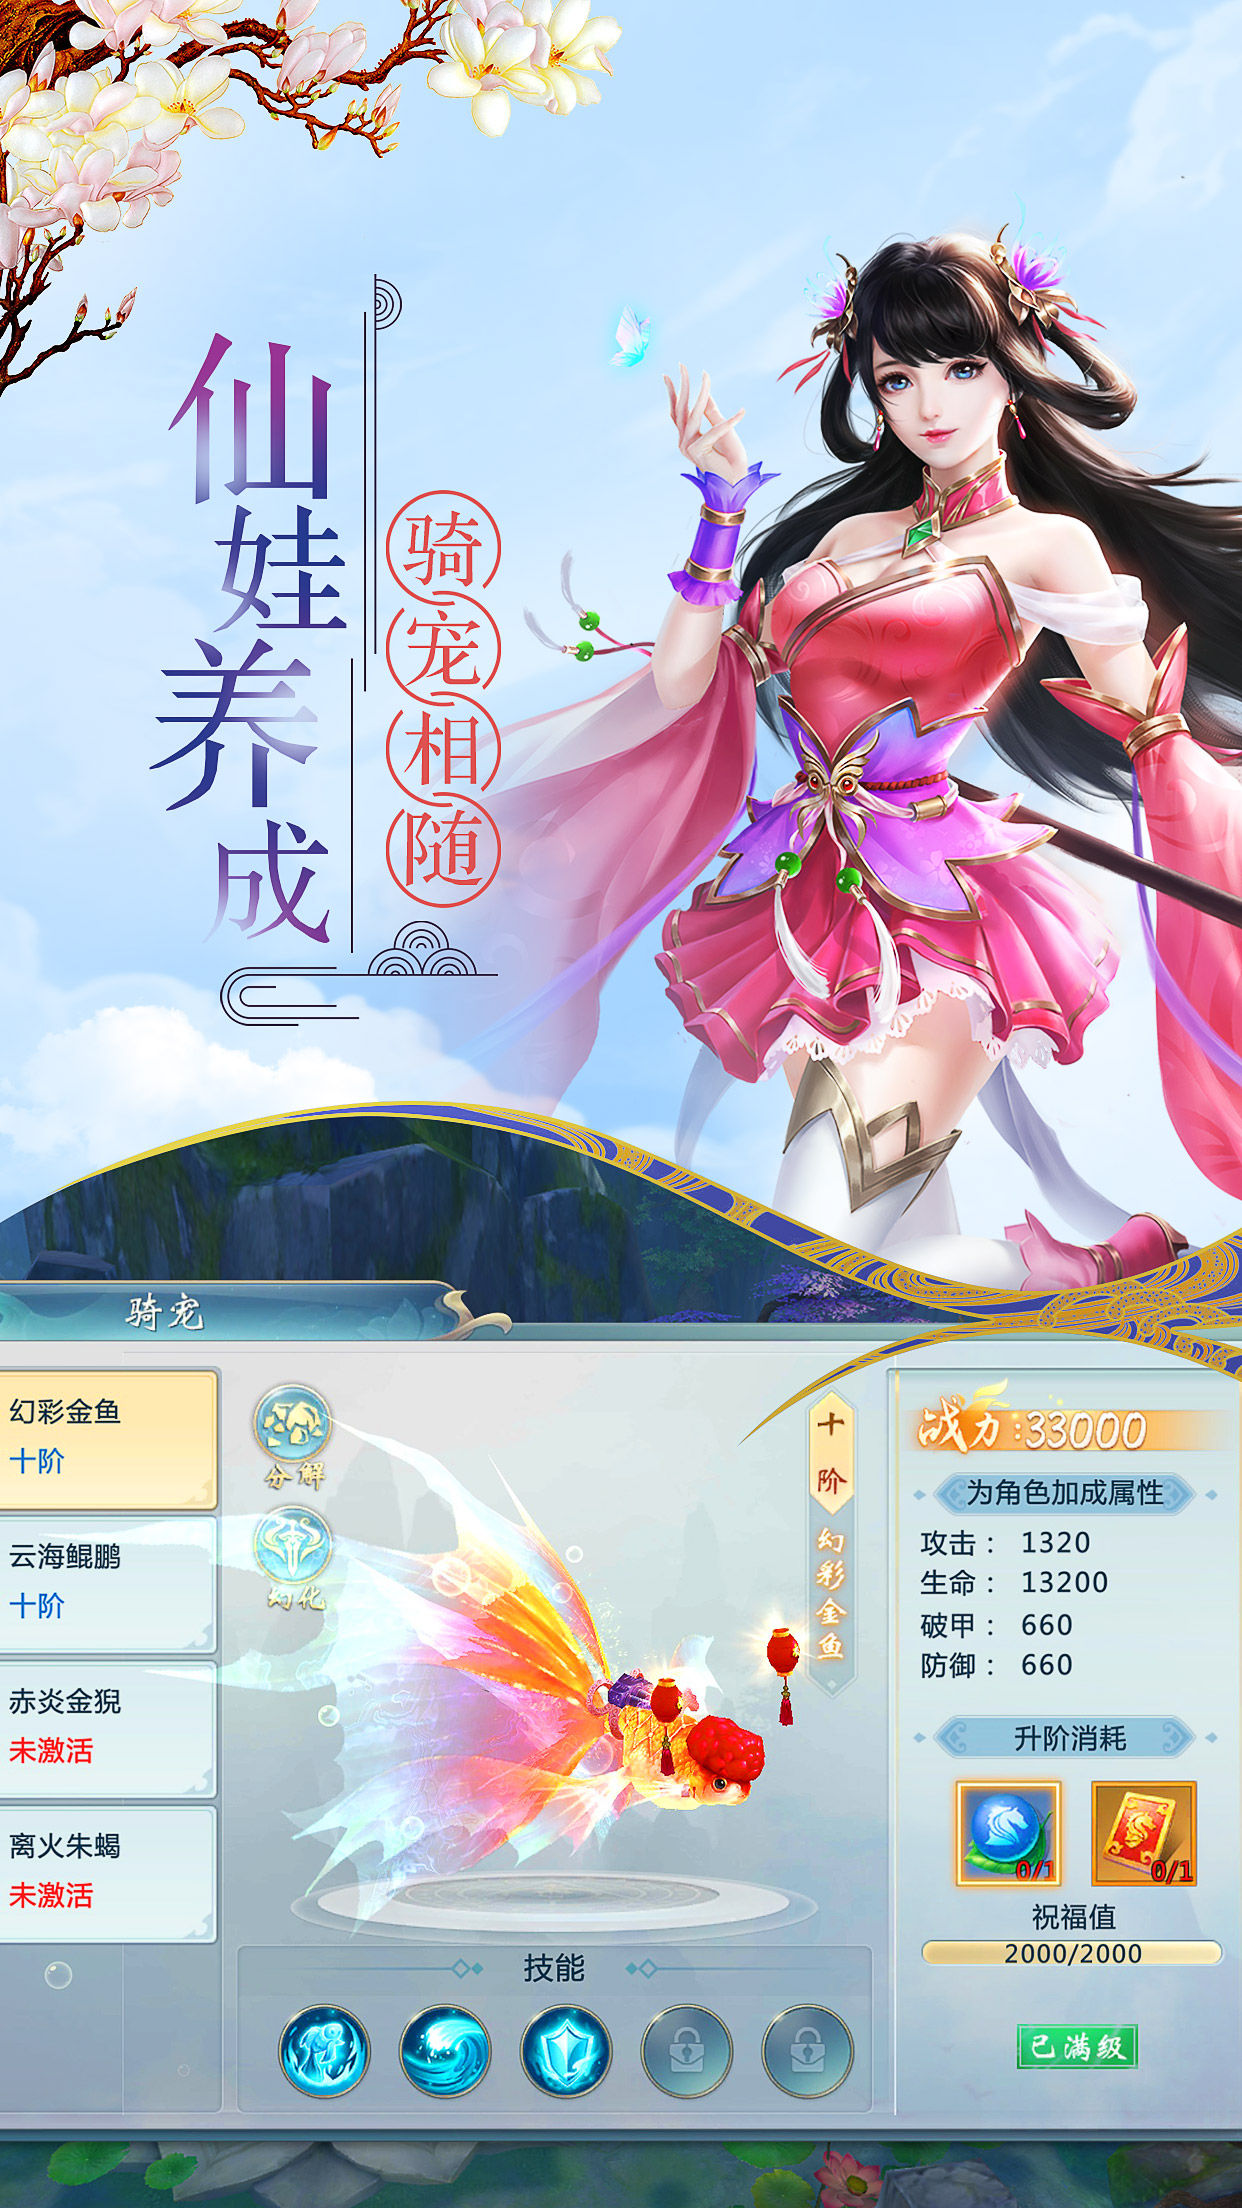 剑侠逍遥无限元宝 V4.0.0 破解版